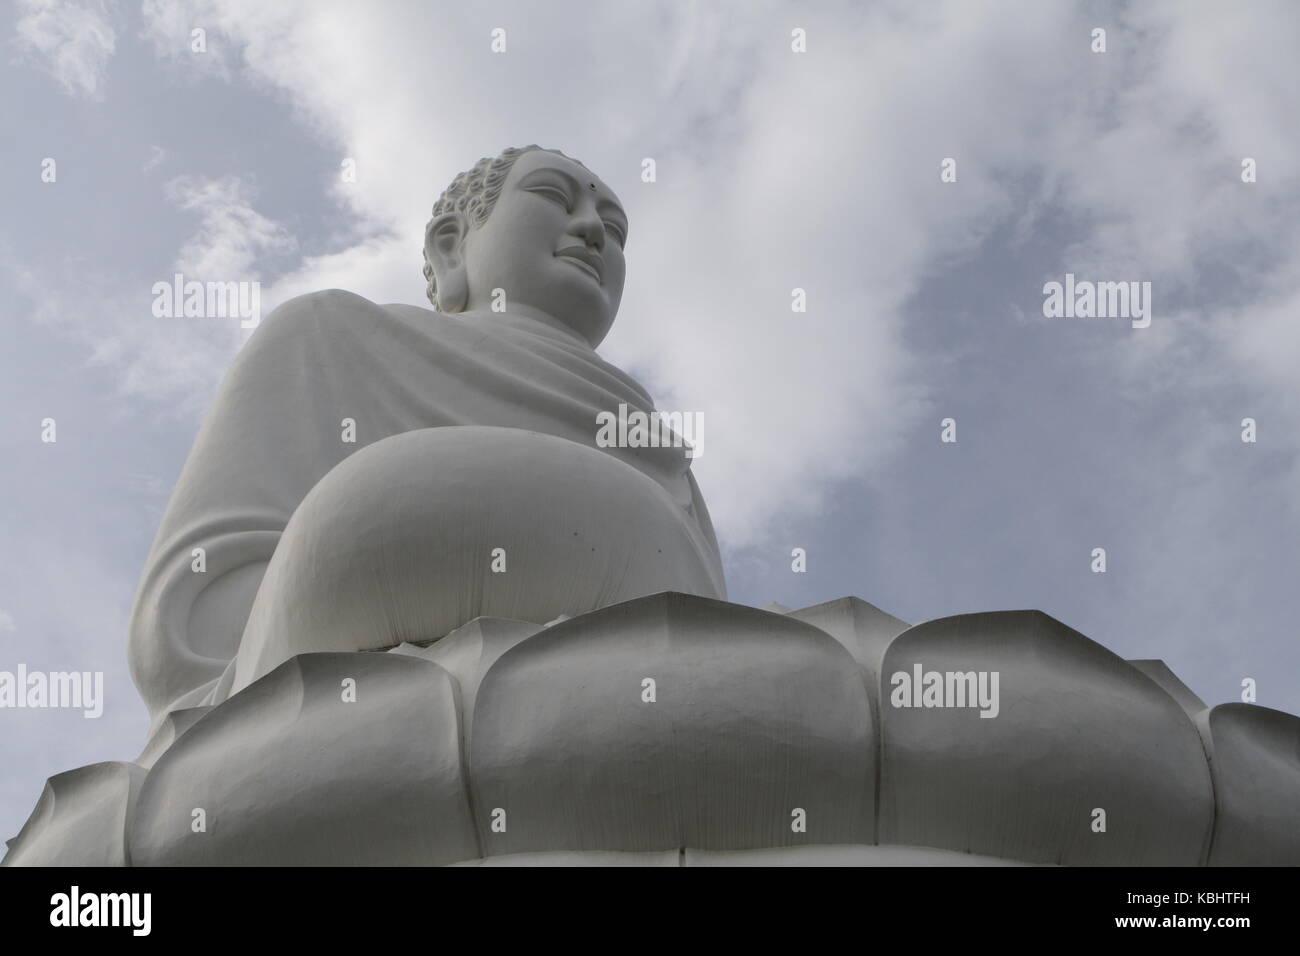 Weisse Buddha Staue in Vietnam - White Buddha statue in Vietnam Stock Photo